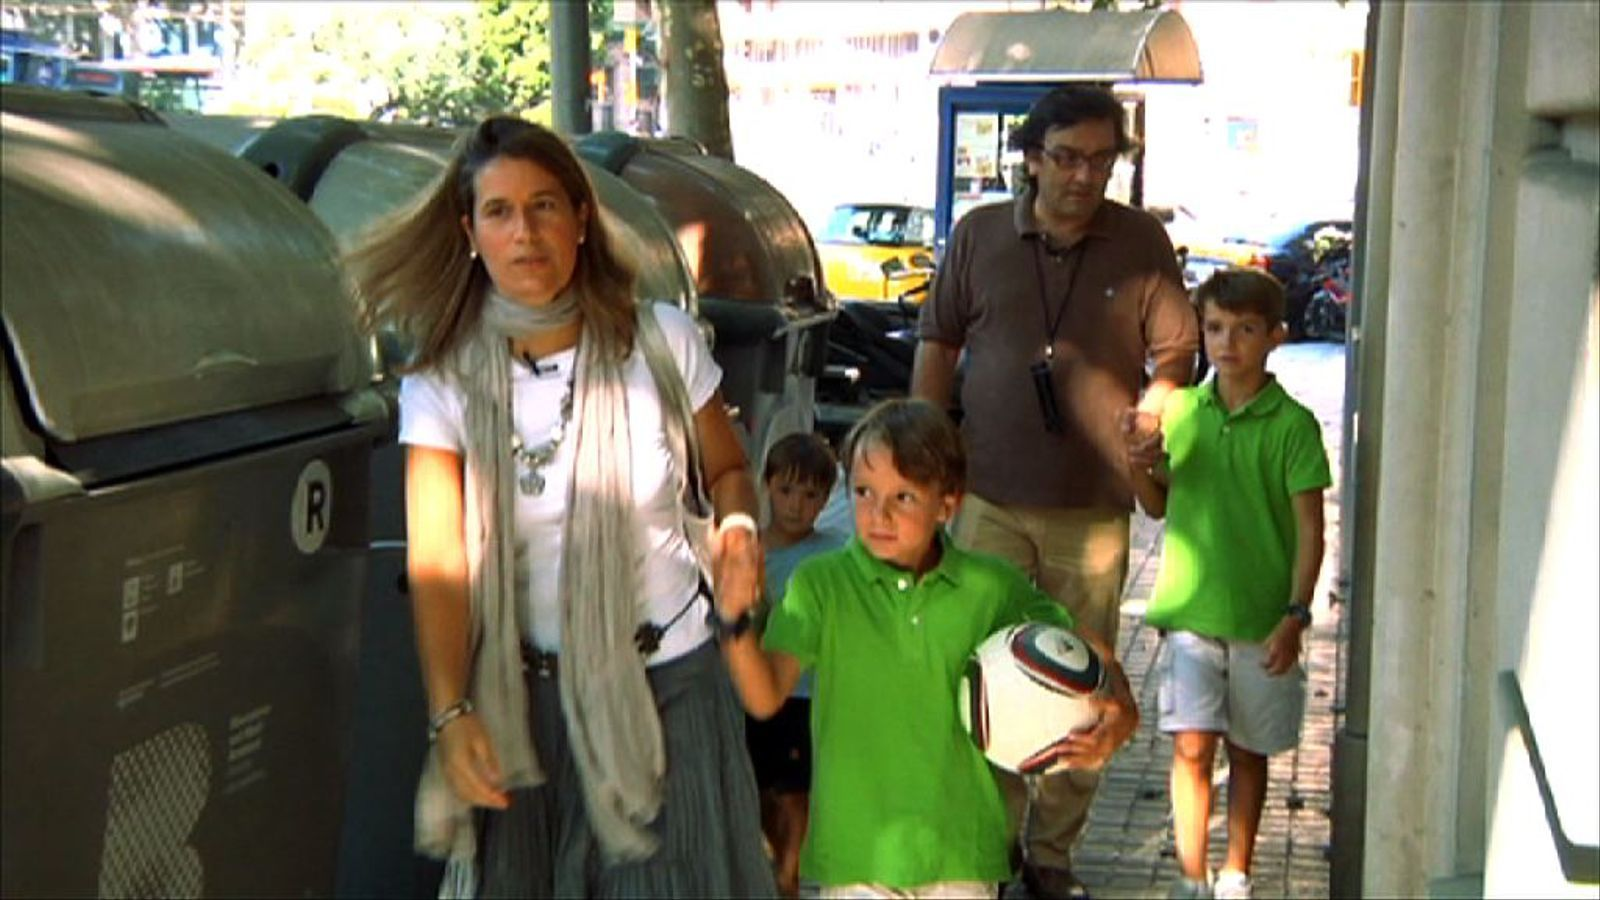 Criatures: Els meus fills em fan de guia a mi pel carrer